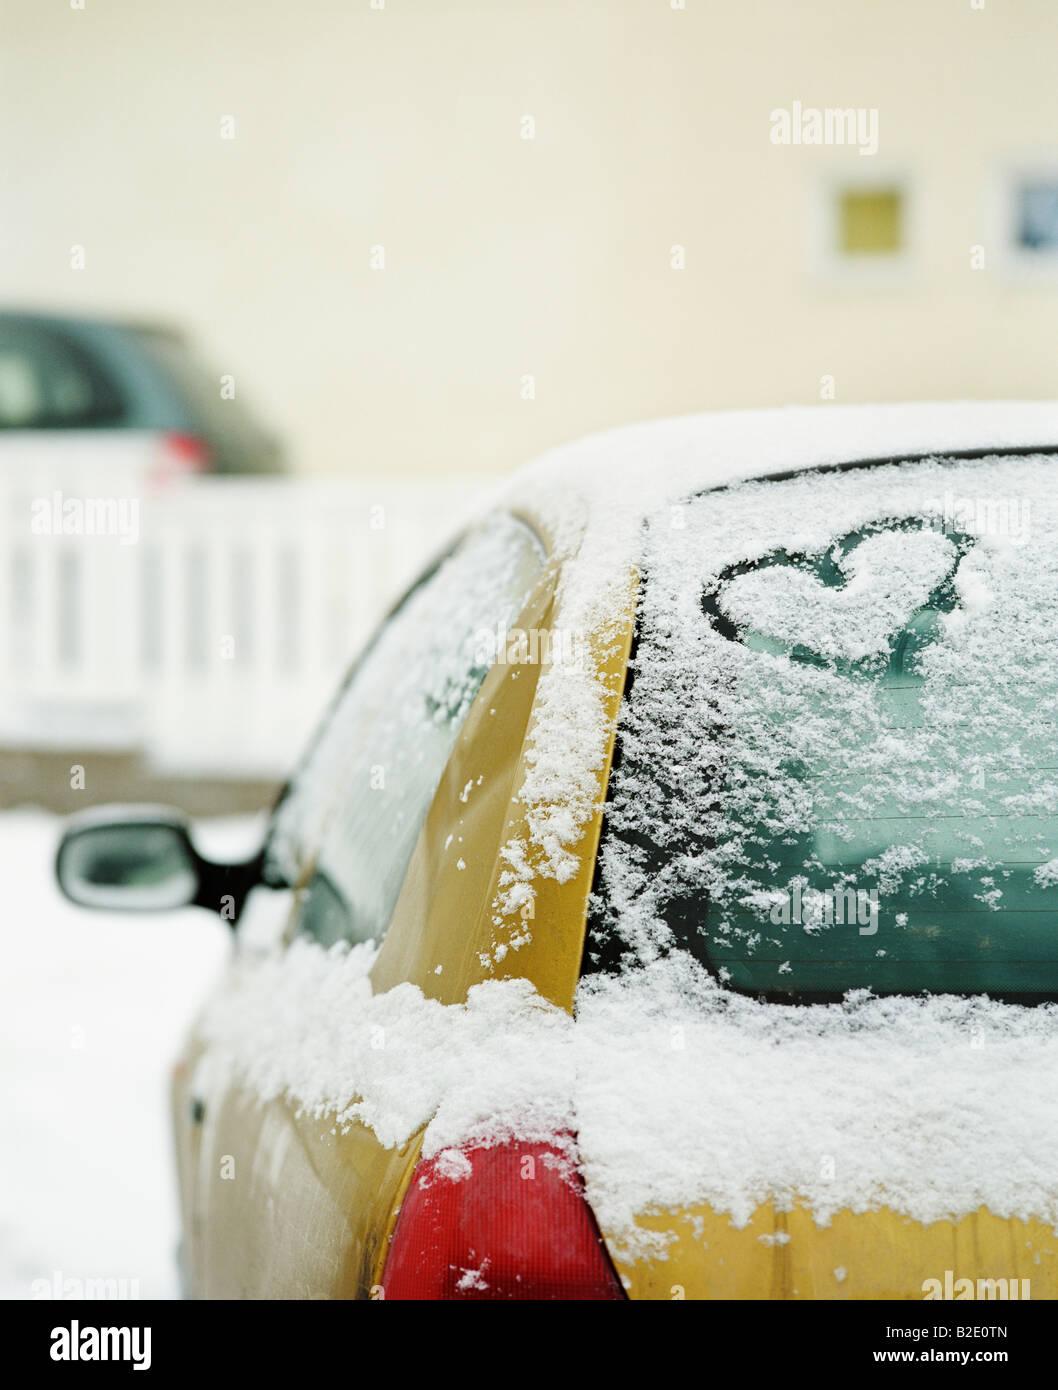 Coração forma esculpida em um carro Imagens de Stock